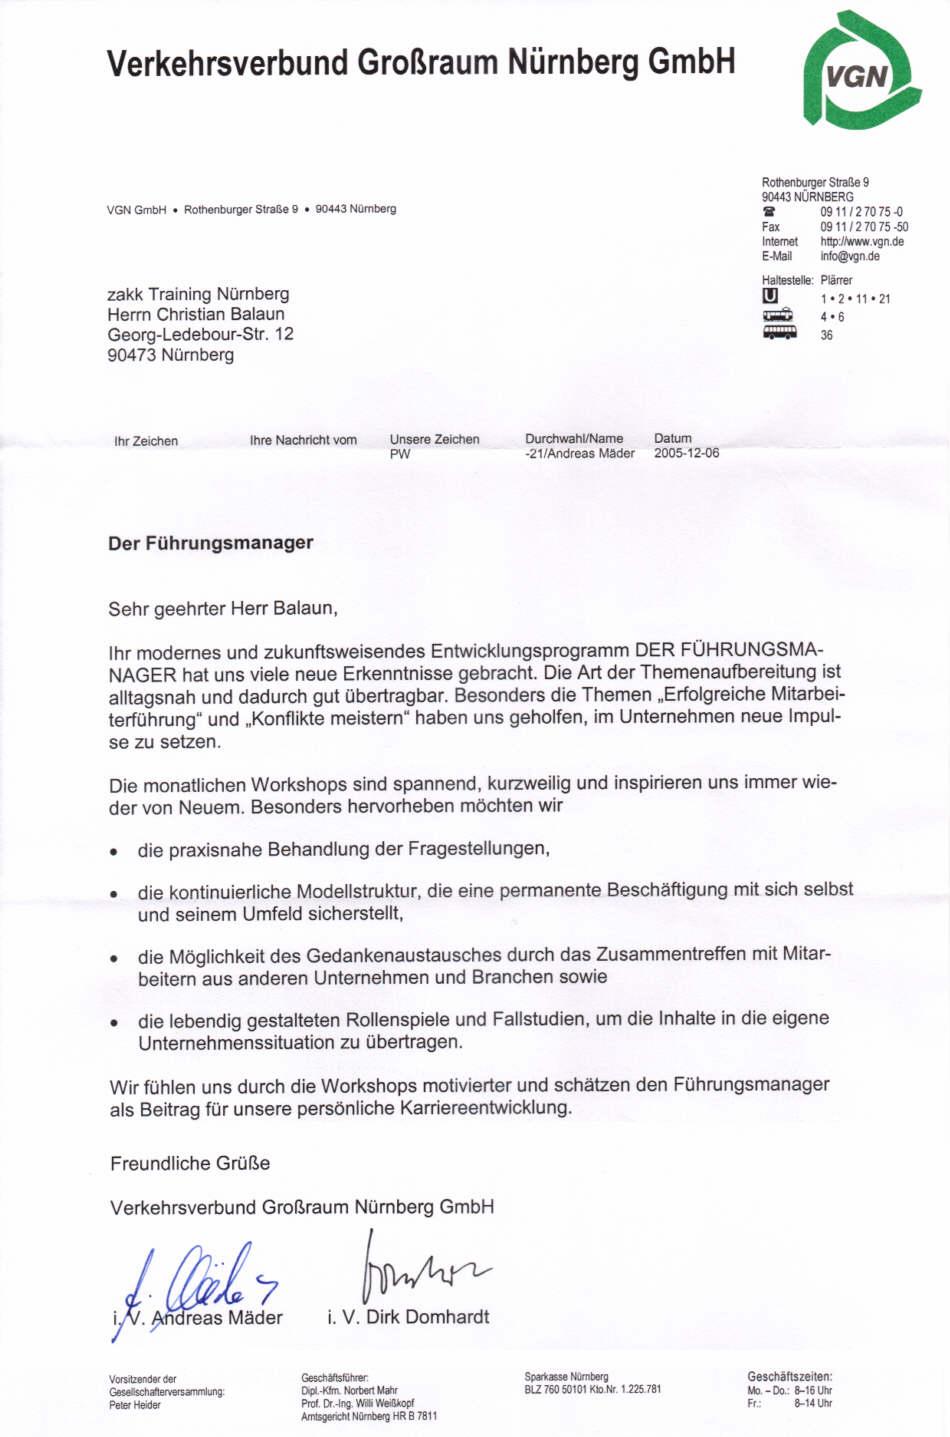 Schön Vorlage Empfehlungsschreiben Für Beschäftigung Fotos ...